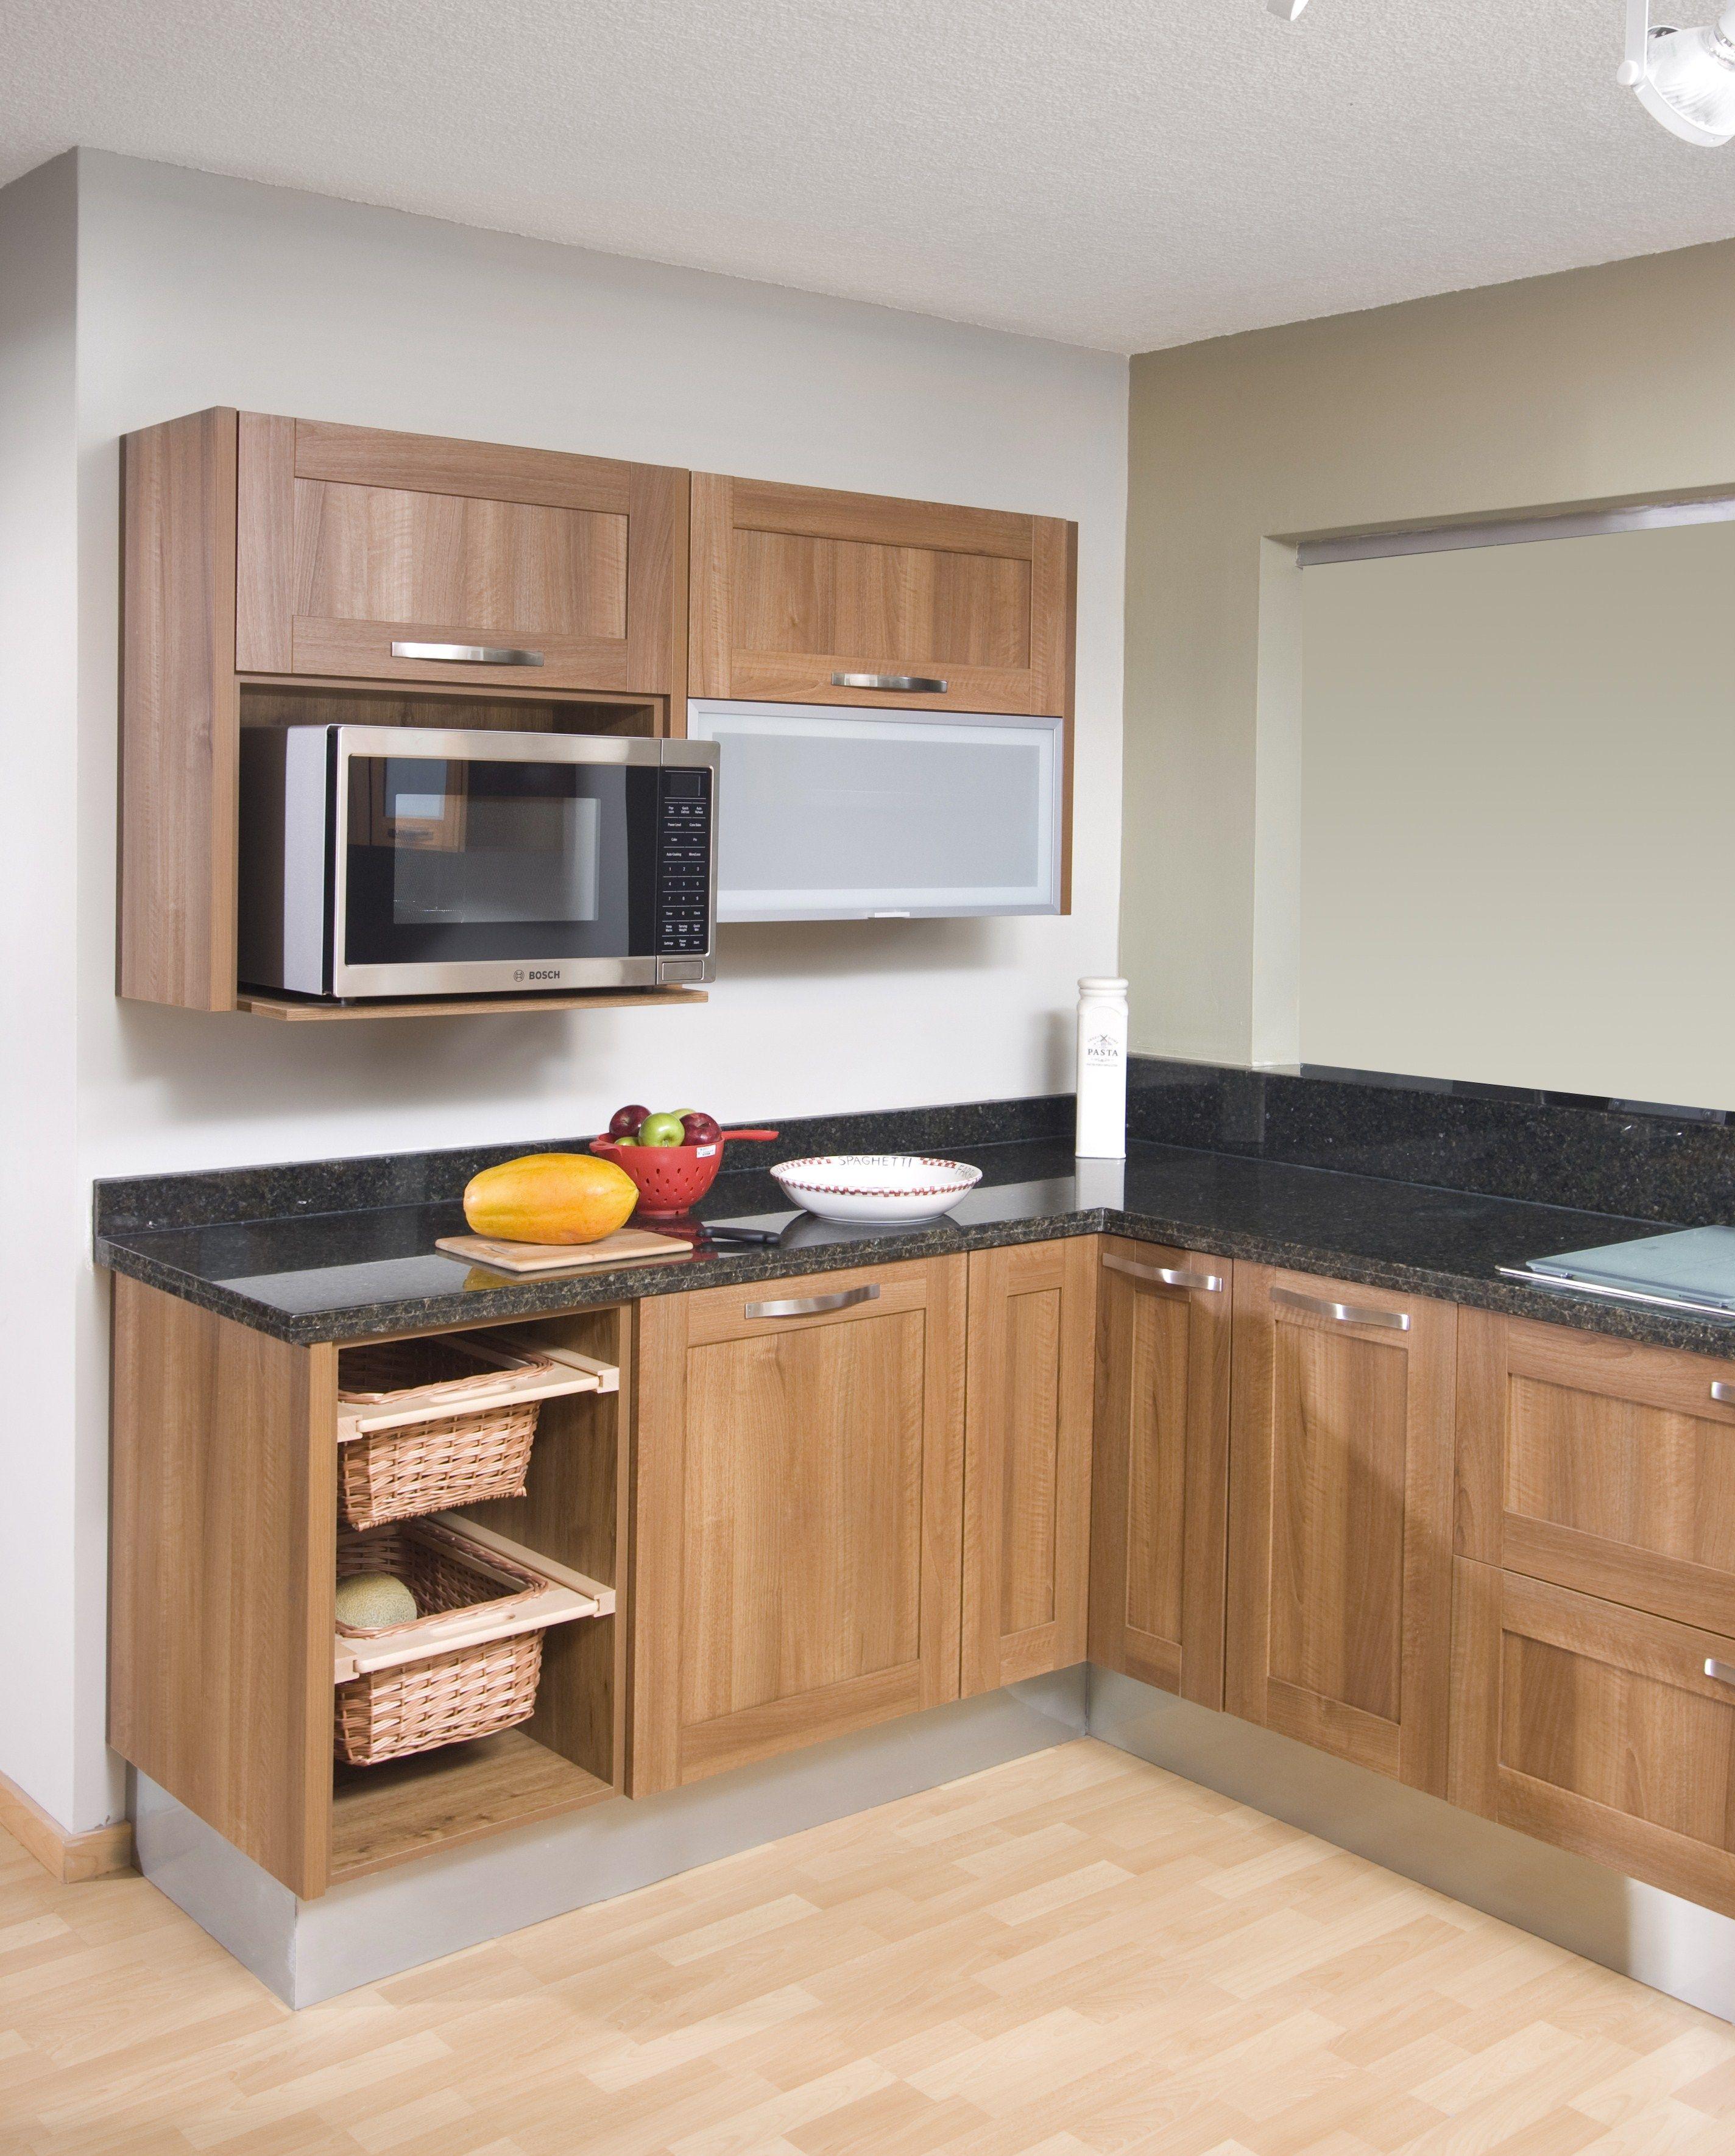 Diseno de cocinas pequenas inspiraci n de dise o de for Diseno de interiores de cocinas pequenas modernas